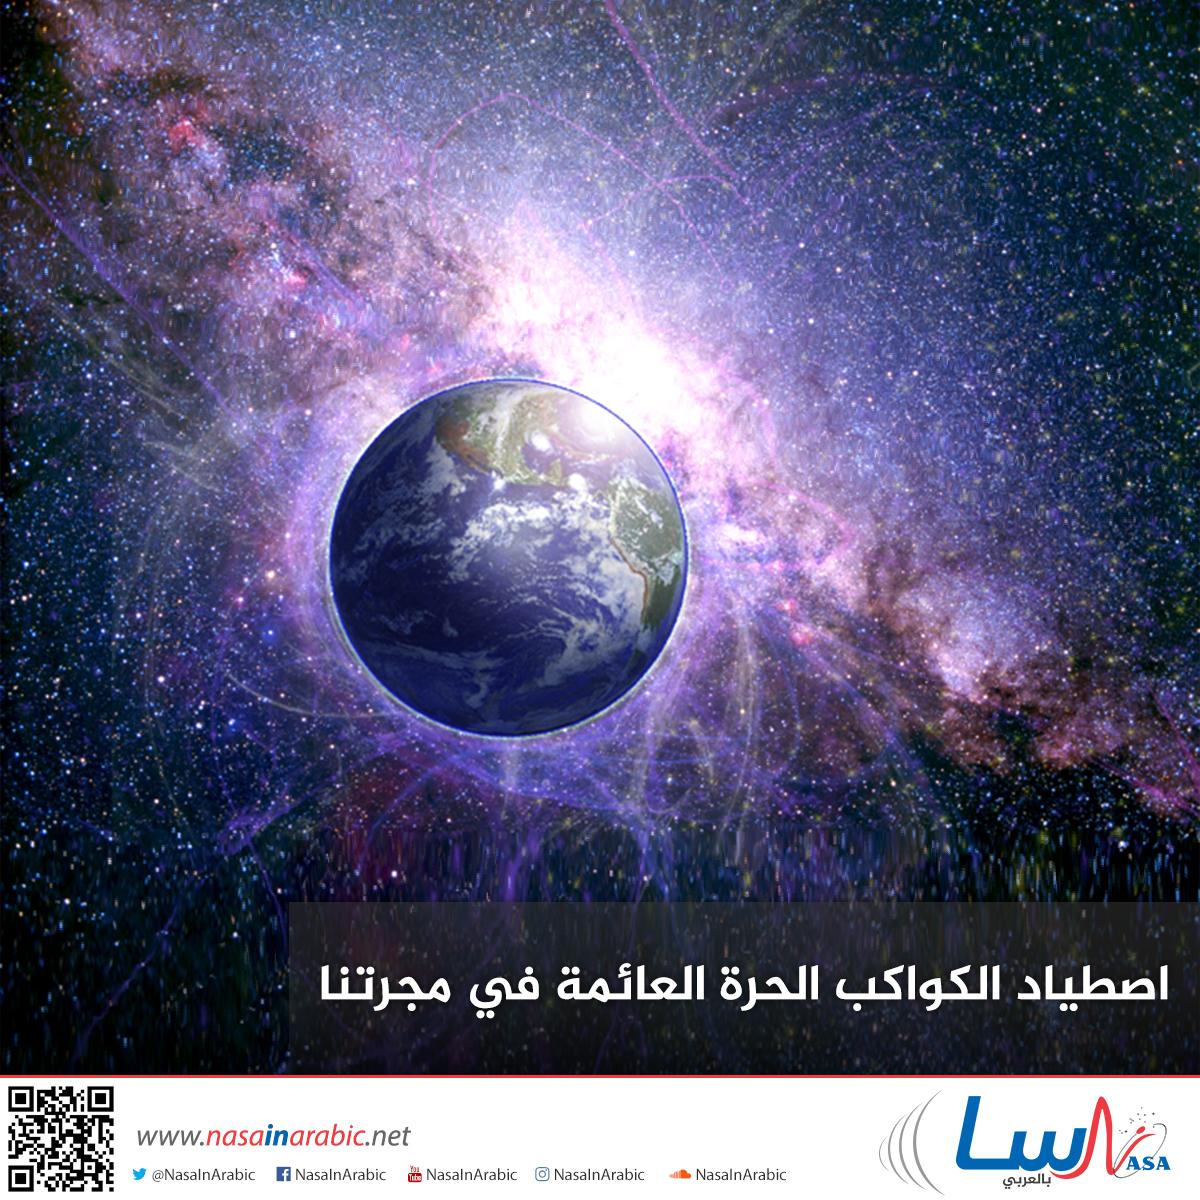 اصطياد الكواكب الحرة العائمة في مجرتنا